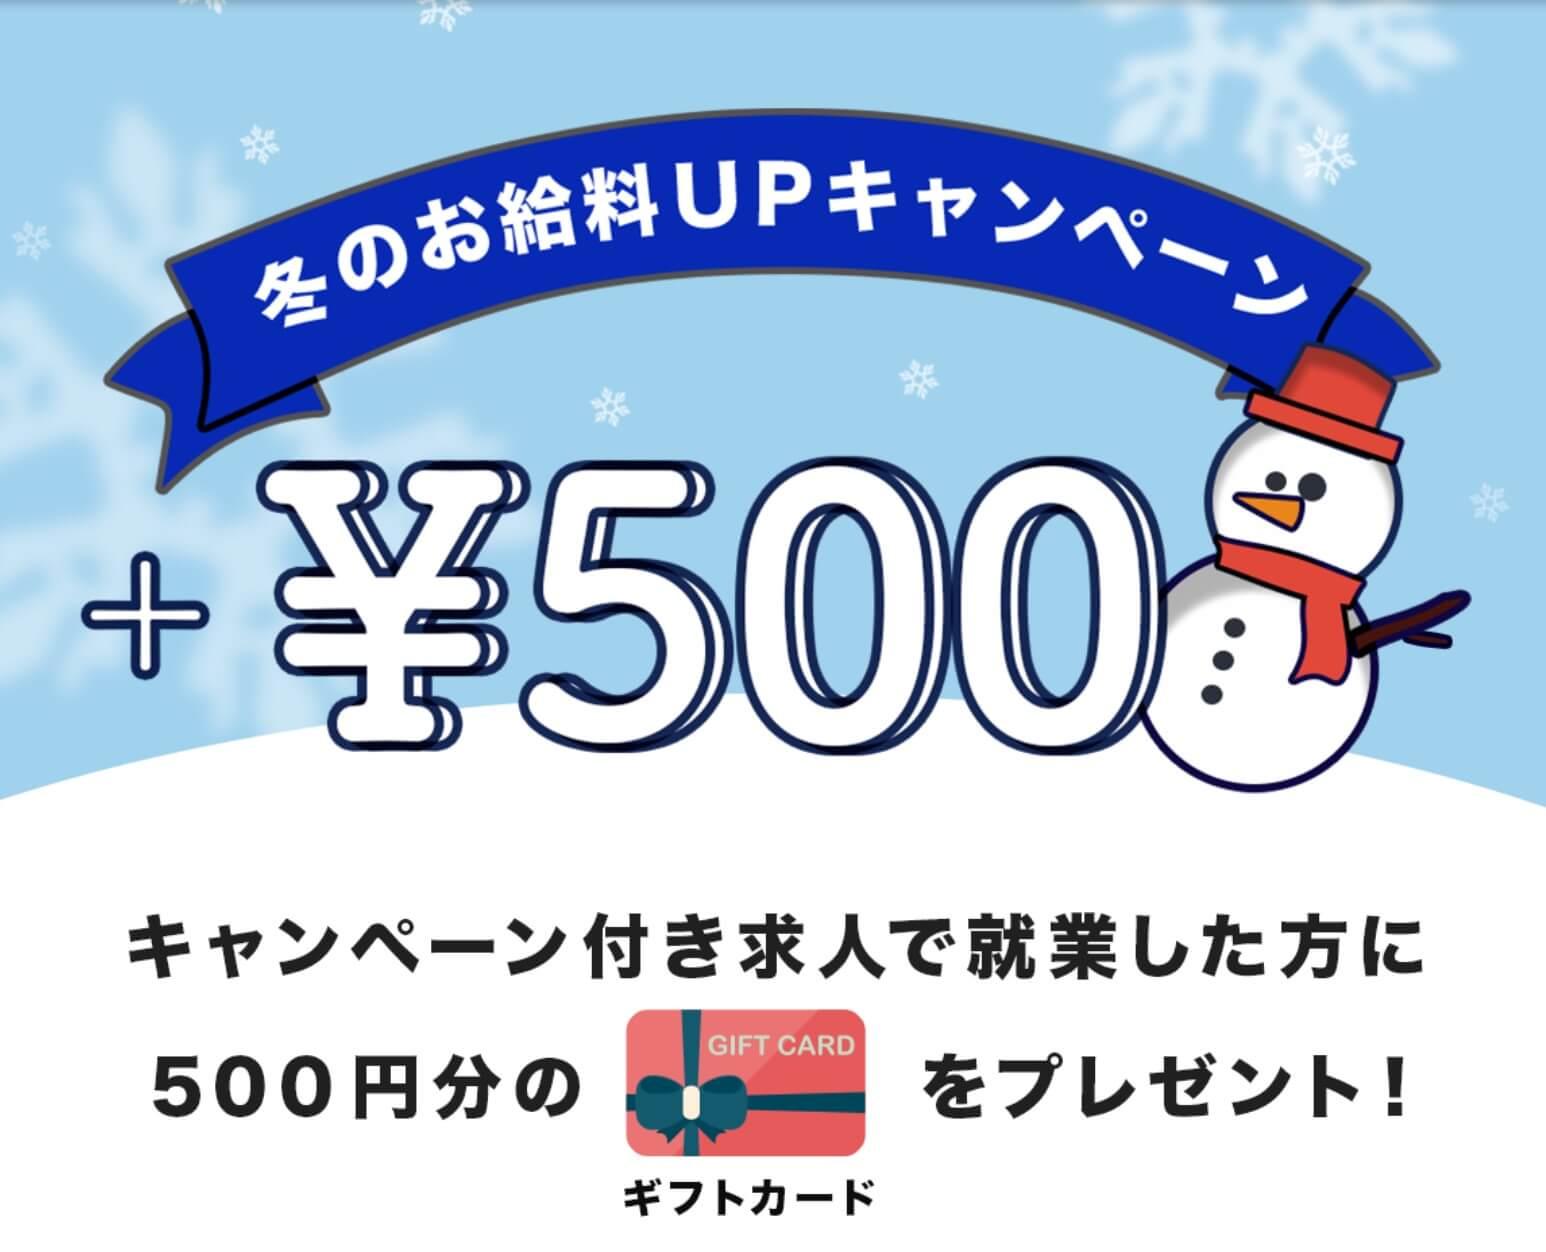 冬のお給料UPキャンペーン__シェアフル